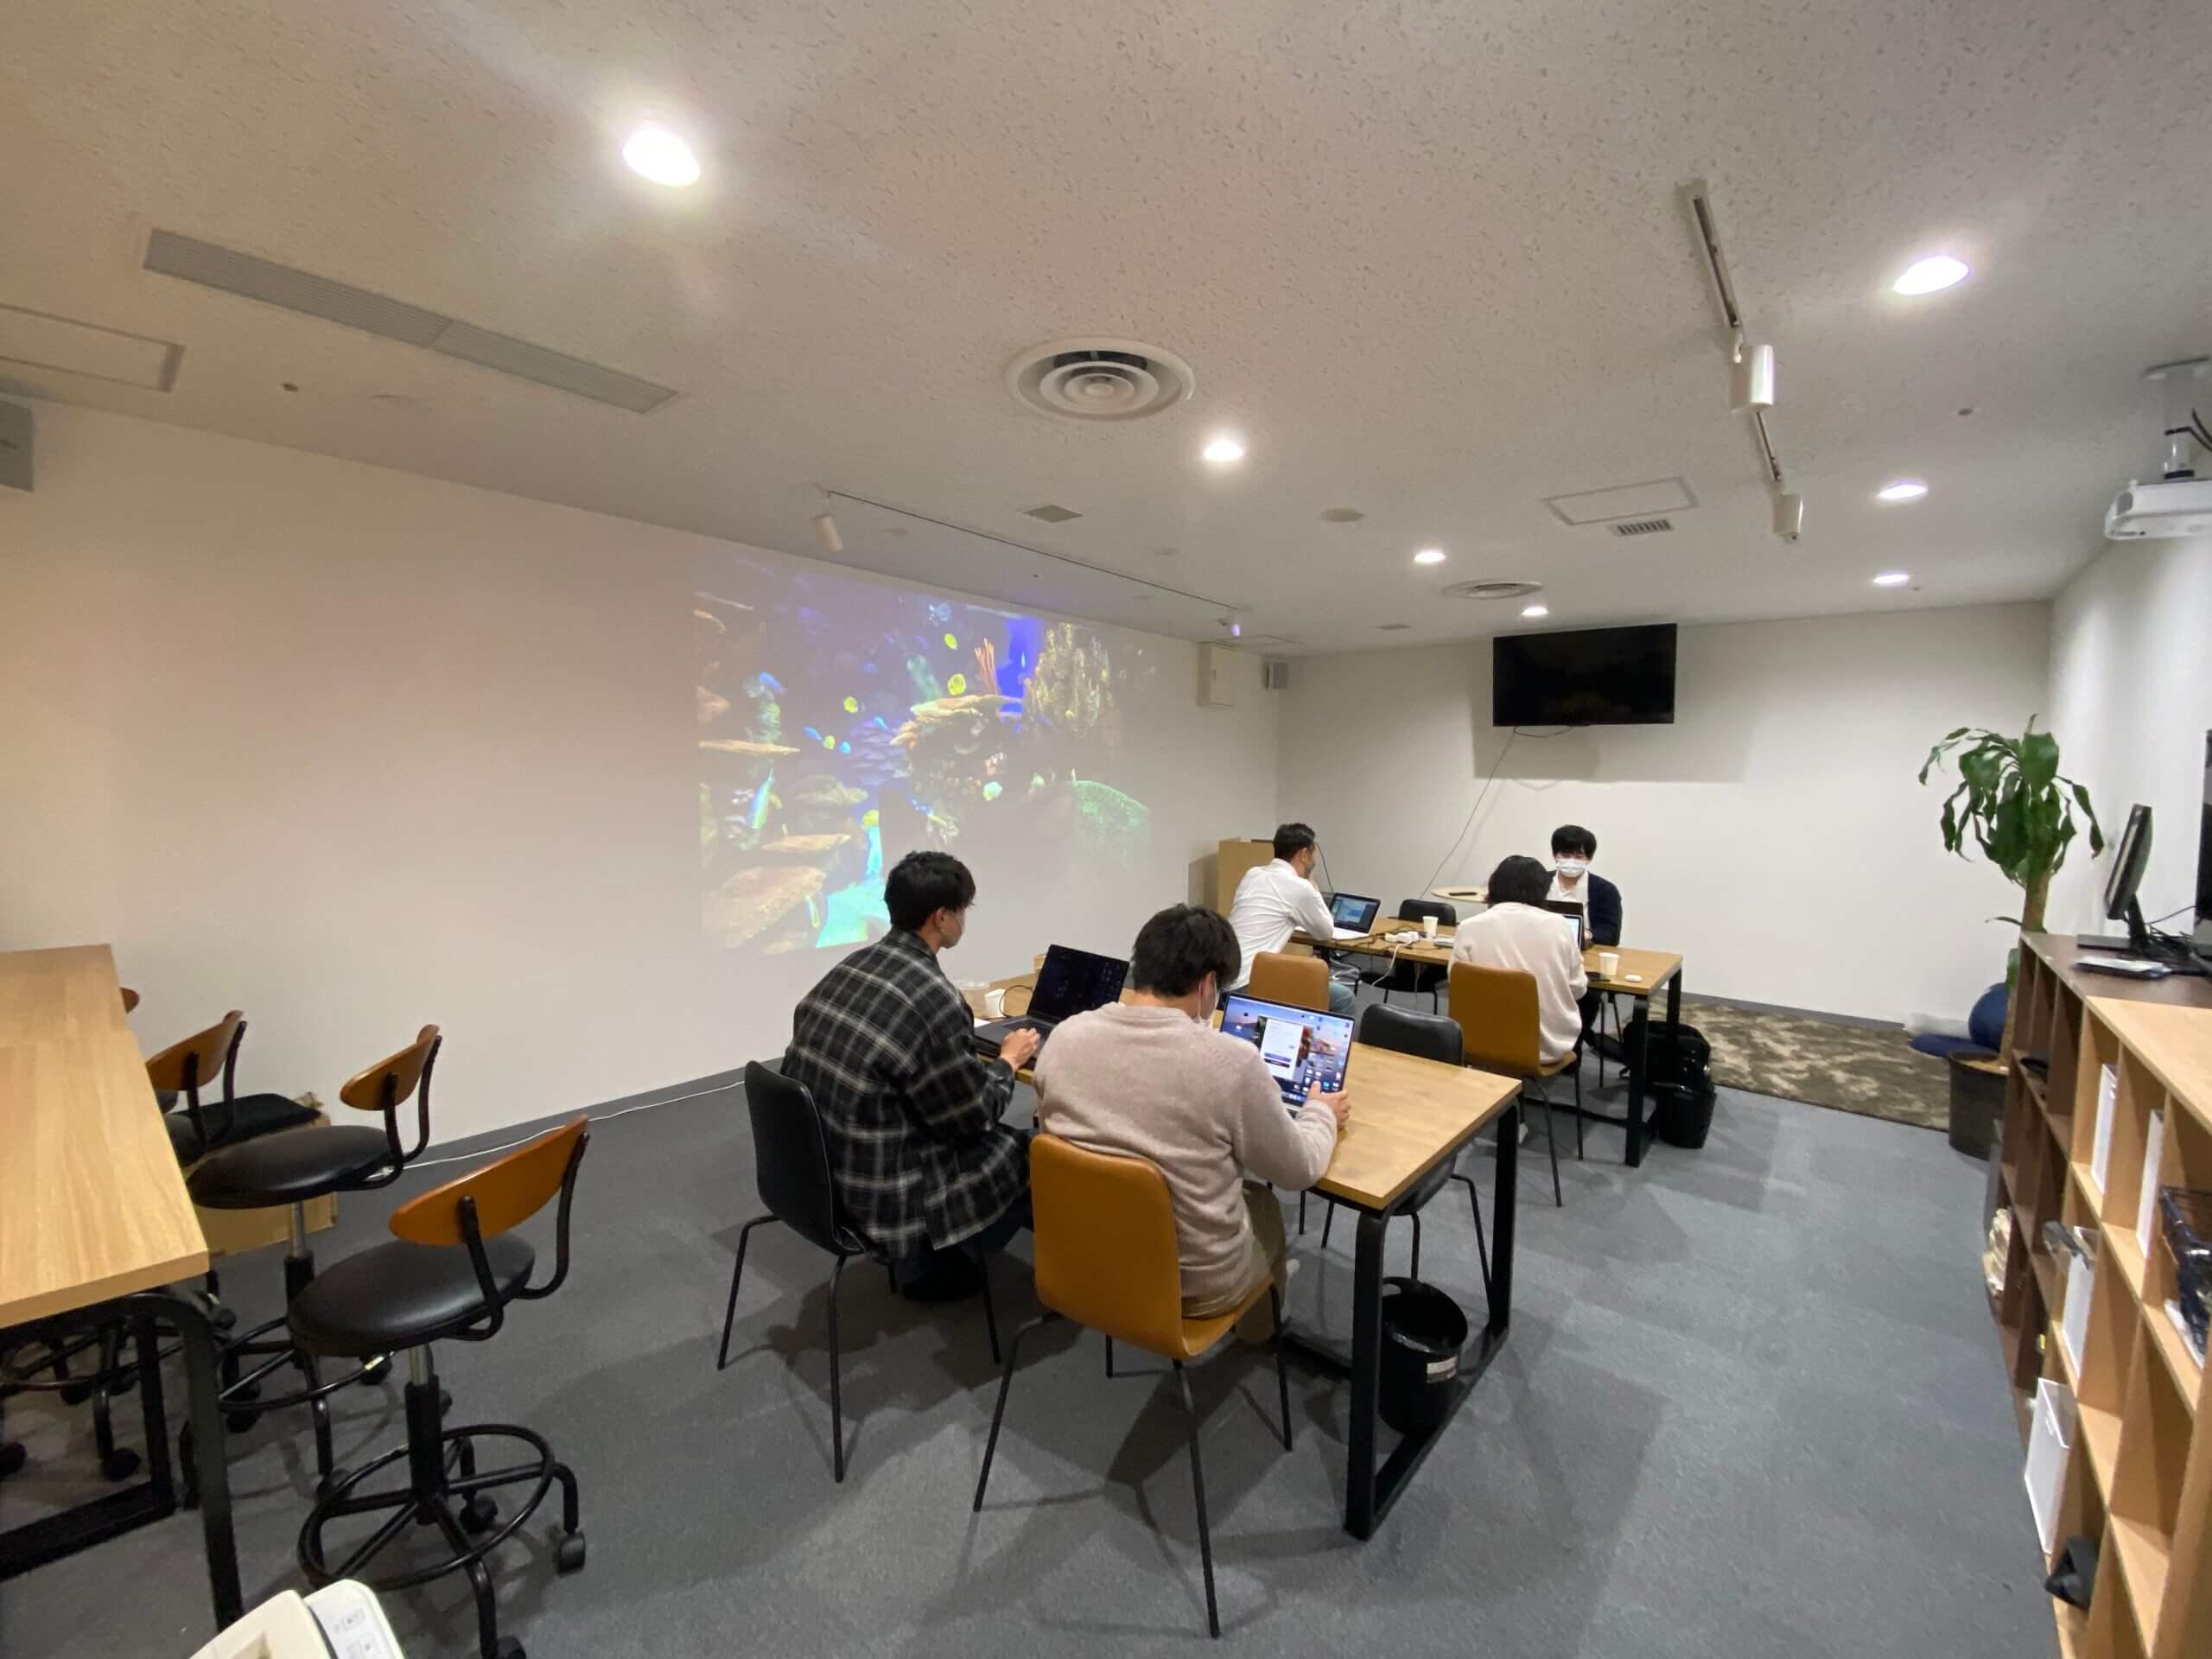 福岡PARCO オフィスのレイアウト例をご紹介します!